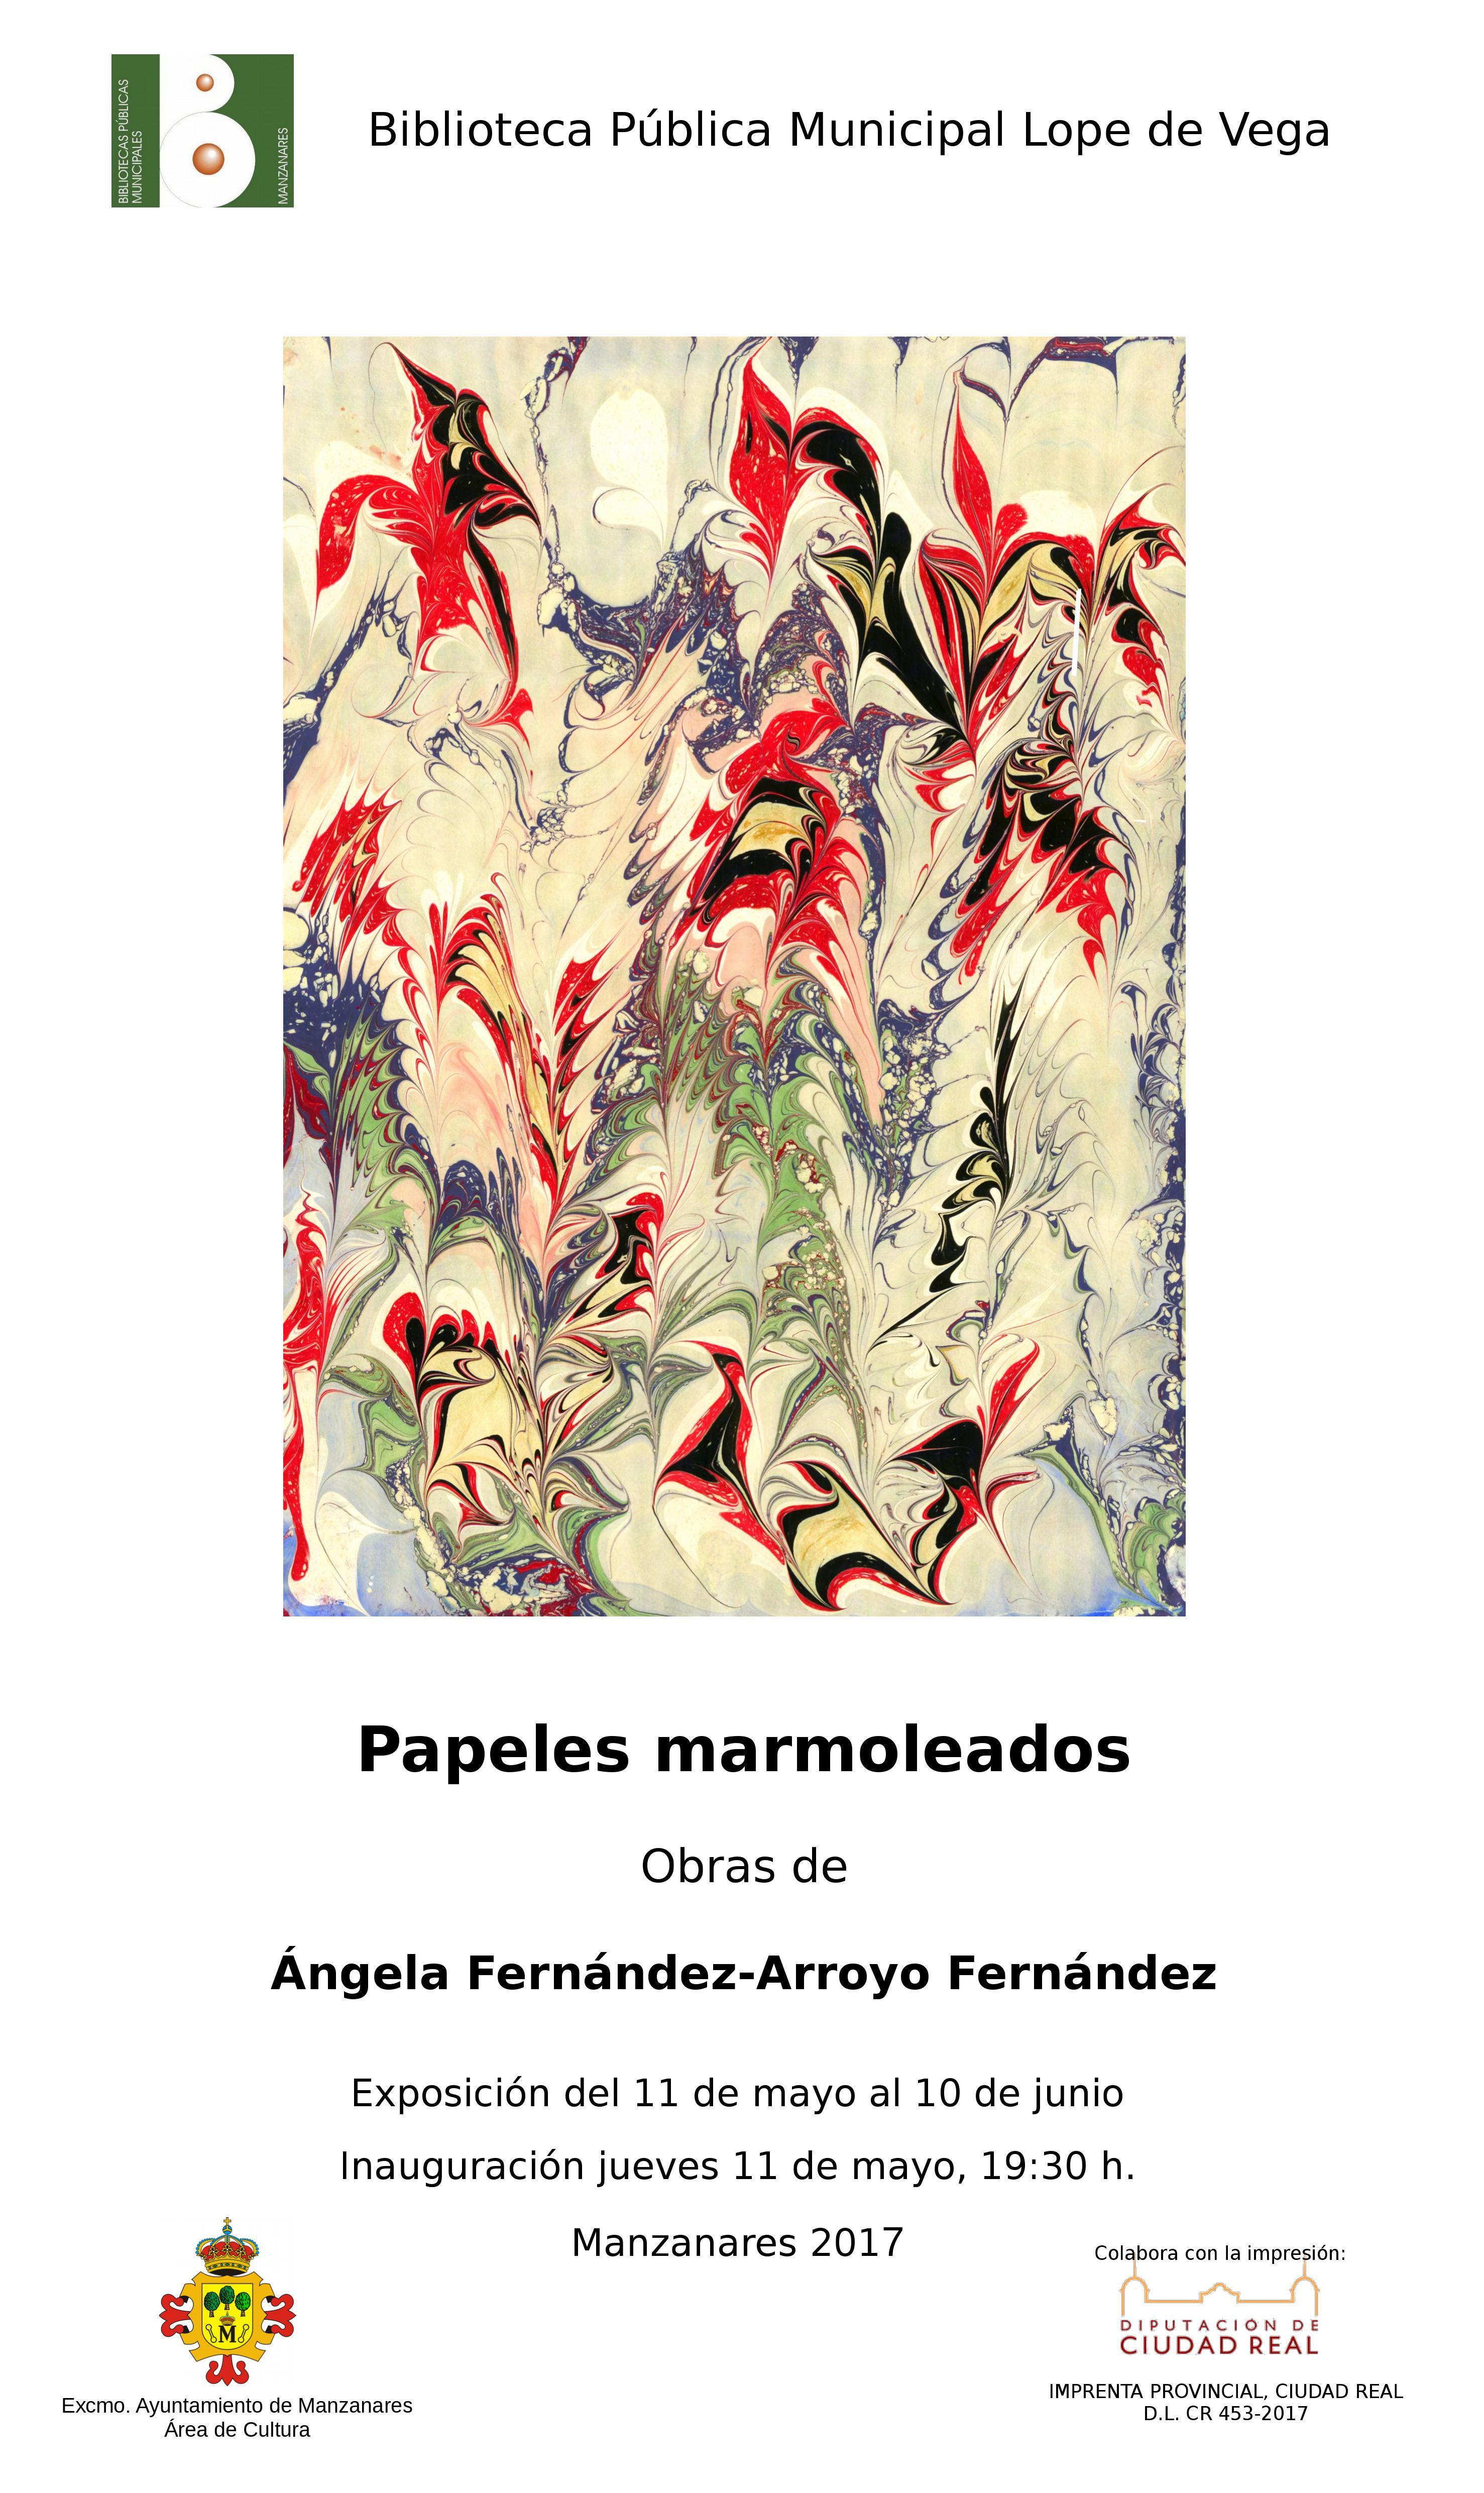 Imagen de la actividad Papeles marmoleados. Obras de Ángela Férnandez-Arroyo Fernández